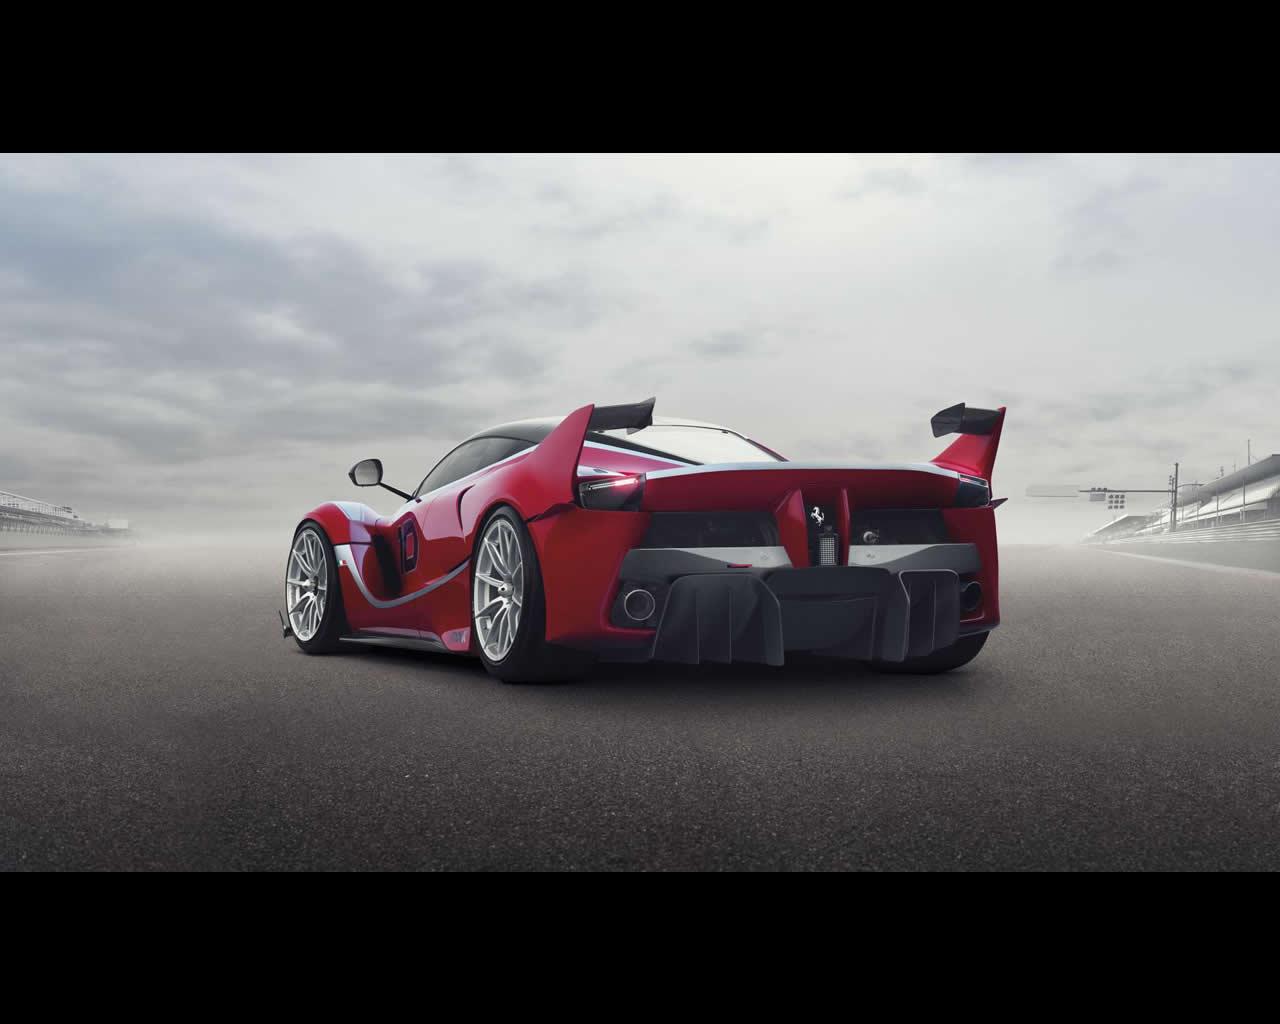 Ferrari FXX K 2015 - 1050 HP 900 Nm Hybrid V12 - Track-only